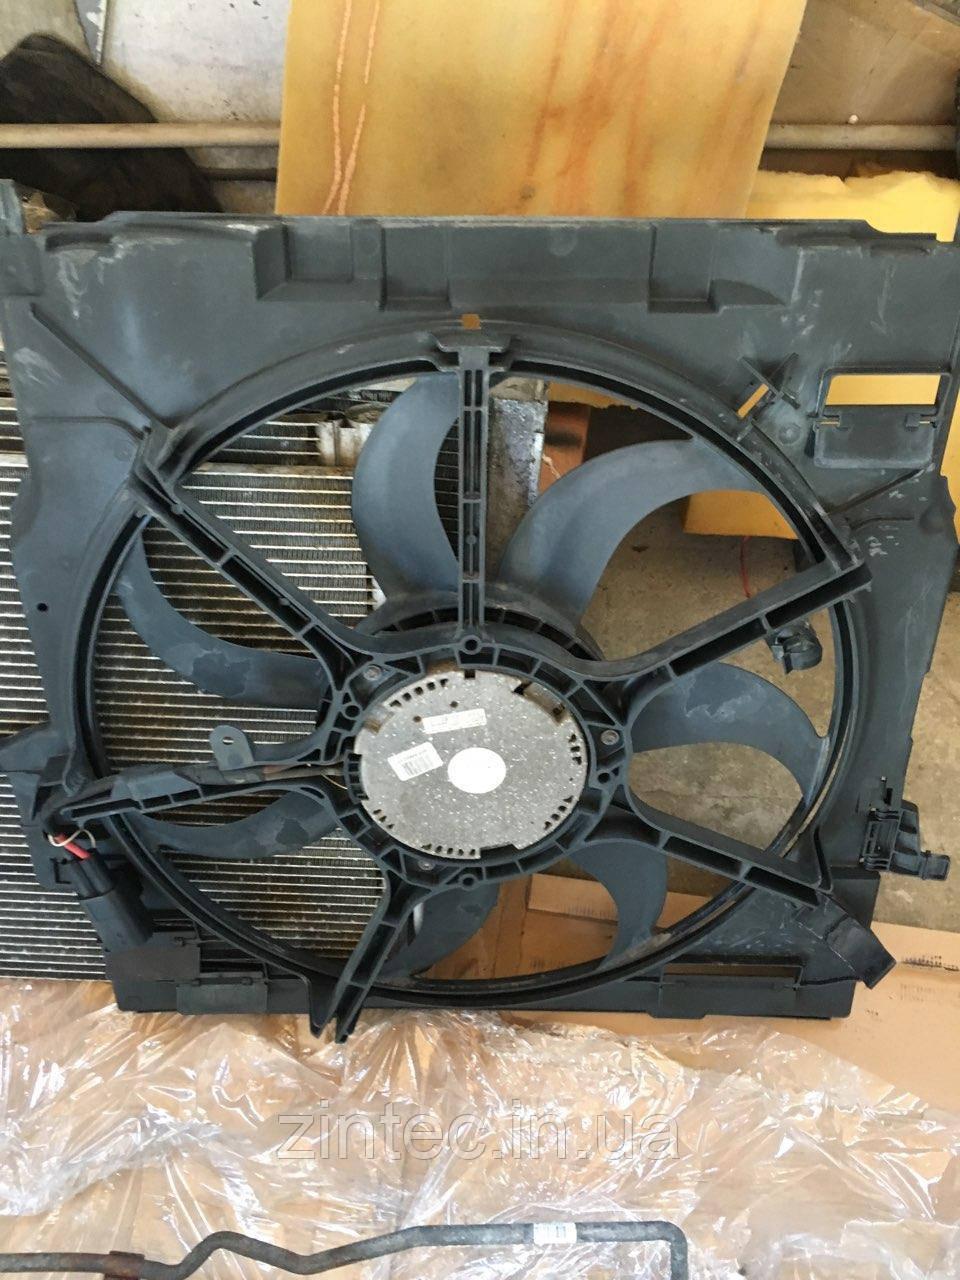 Вентилятор охлаждения BMW Х5 е-70 2010год 099-54-54-777